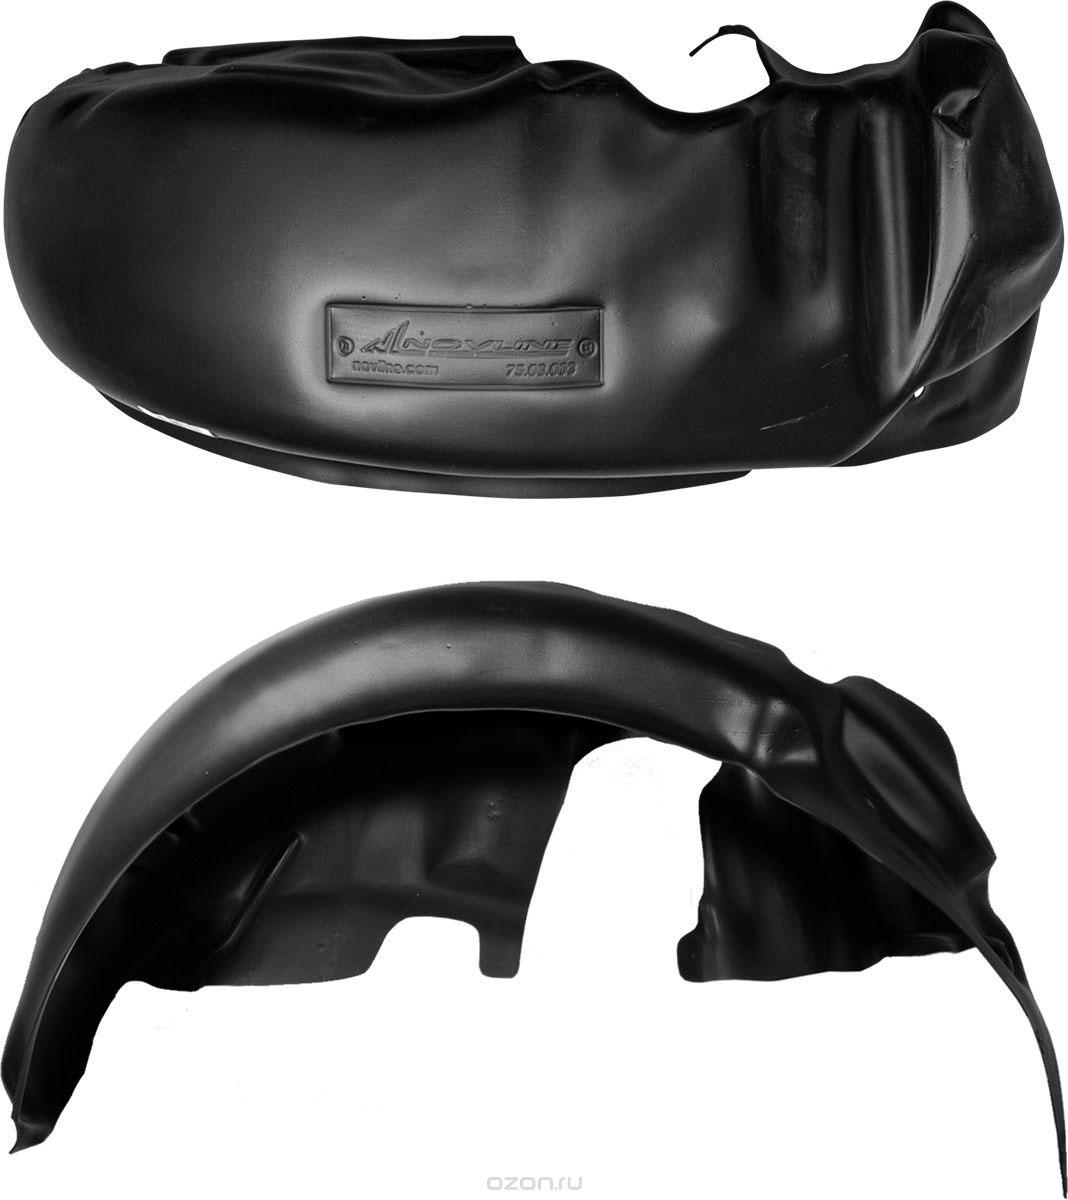 Подкрылок Novline-Autofamily, для Chery A13, 2010->, седан, задний правыйNLL.63.09.004Идеальная защита колесной ниши. Локеры разработаны с применением цифровых технологий, гарантируют максимальную повторяемость поверхности арки. Изделия устанавливаются без нарушения лакокрасочного покрытия автомобиля, каждый подкрылок комплектуется крепежом. Уважаемые клиенты, обращаем ваше внимание, что фотографии на подкрылки универсальные и не отражают реальную форму изделия. При этом само изделие идет точно под размер указанного автомобиля.